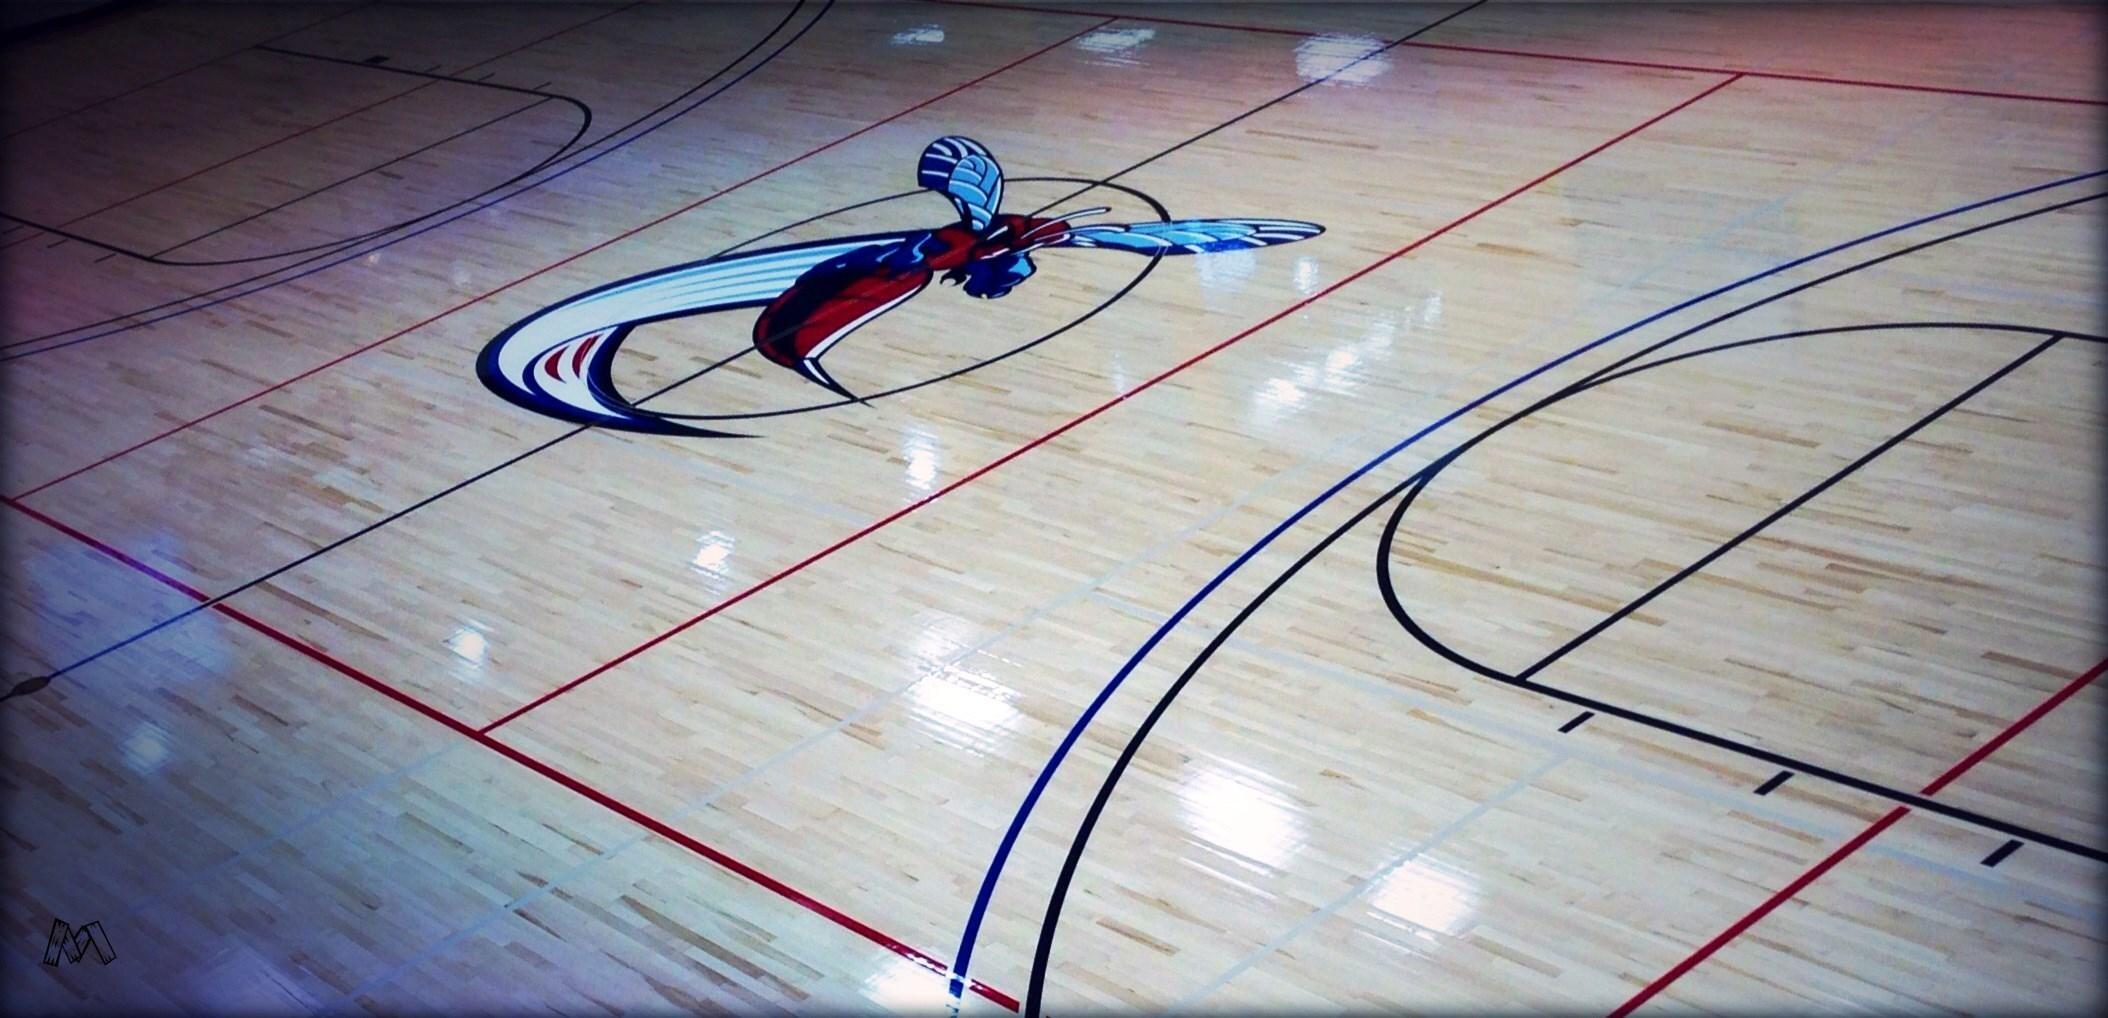 Mastercraft Sports Flooring Inc image 0